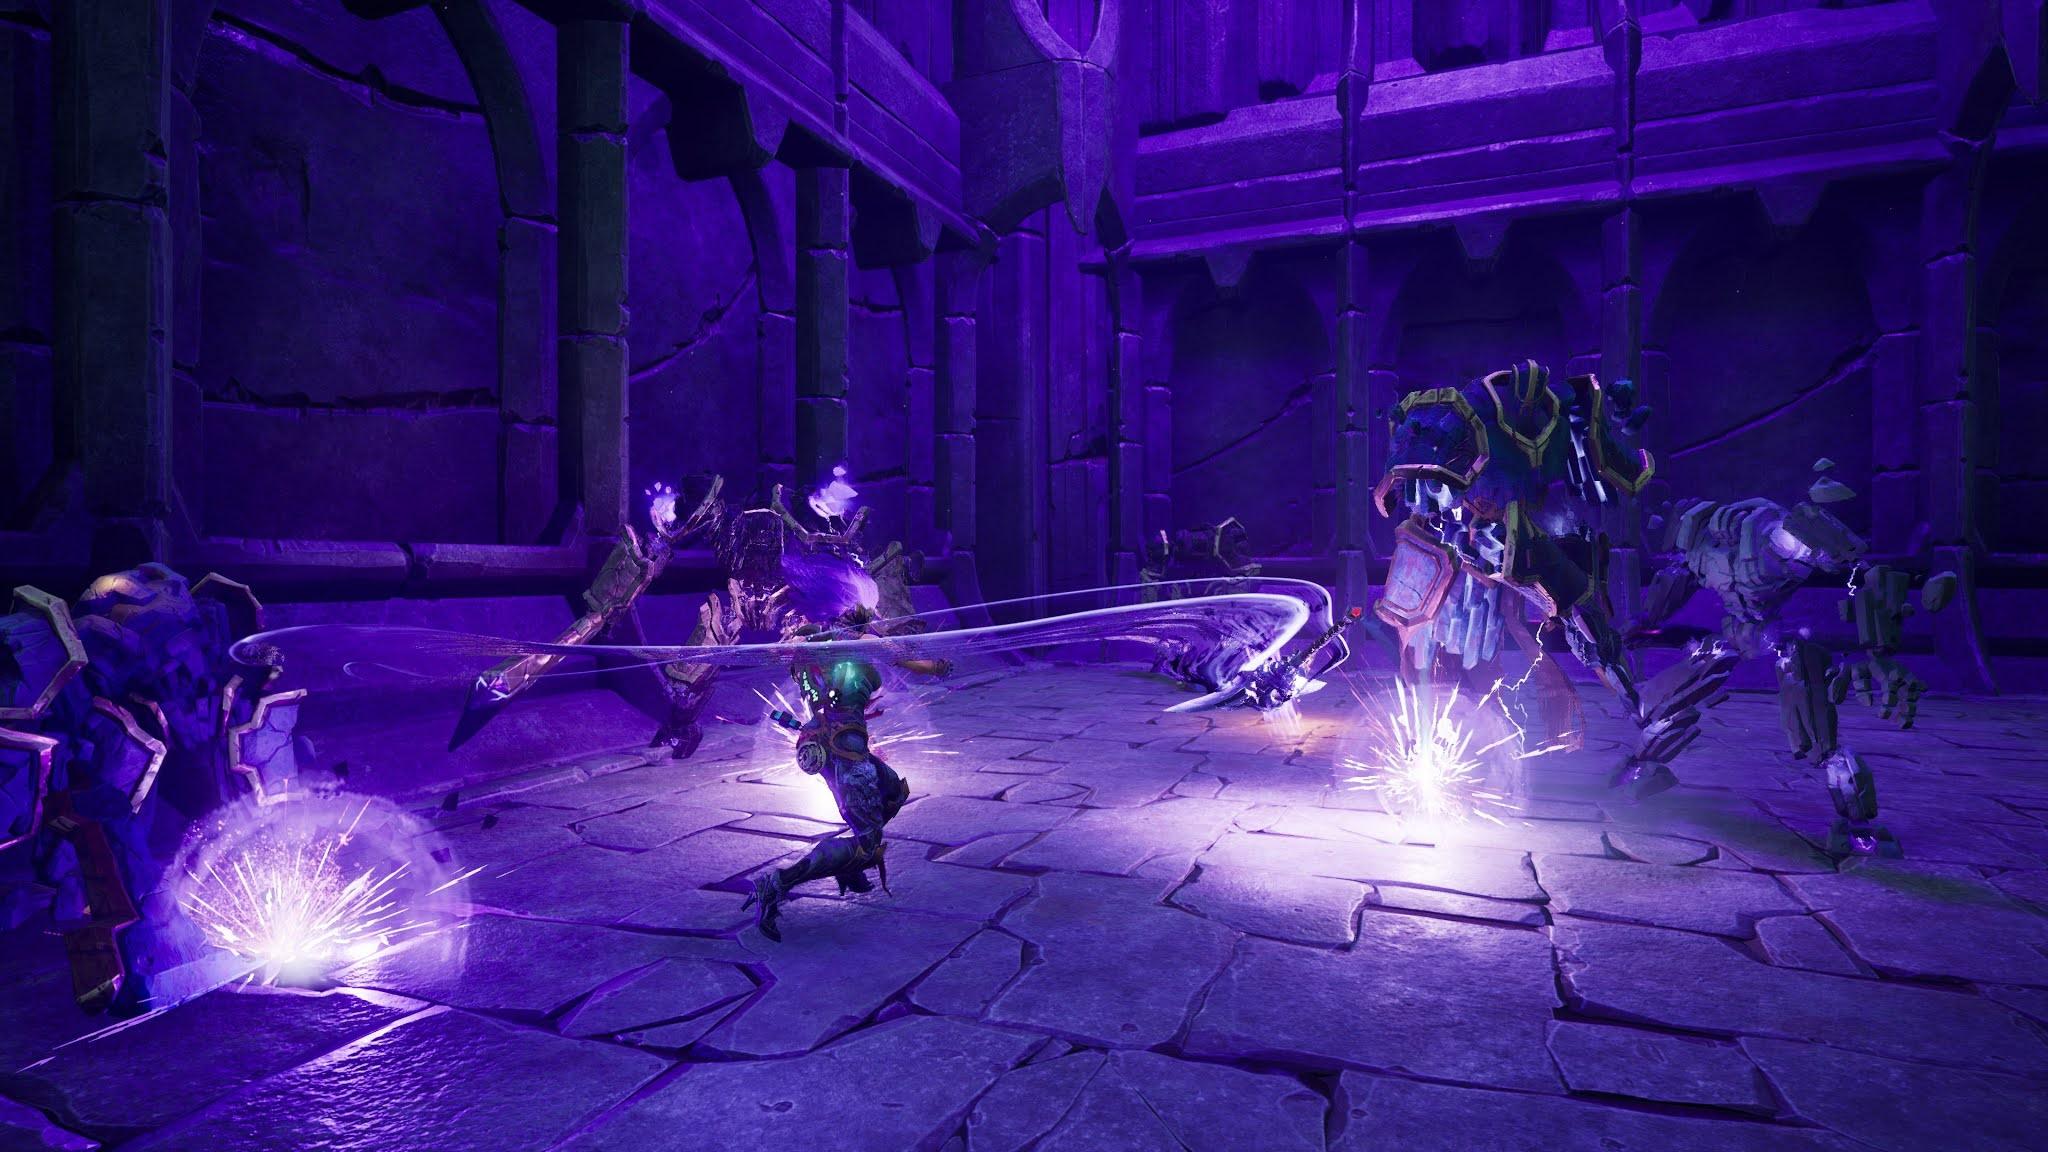 darksiders-3-deluxe-pc-screenshot-3